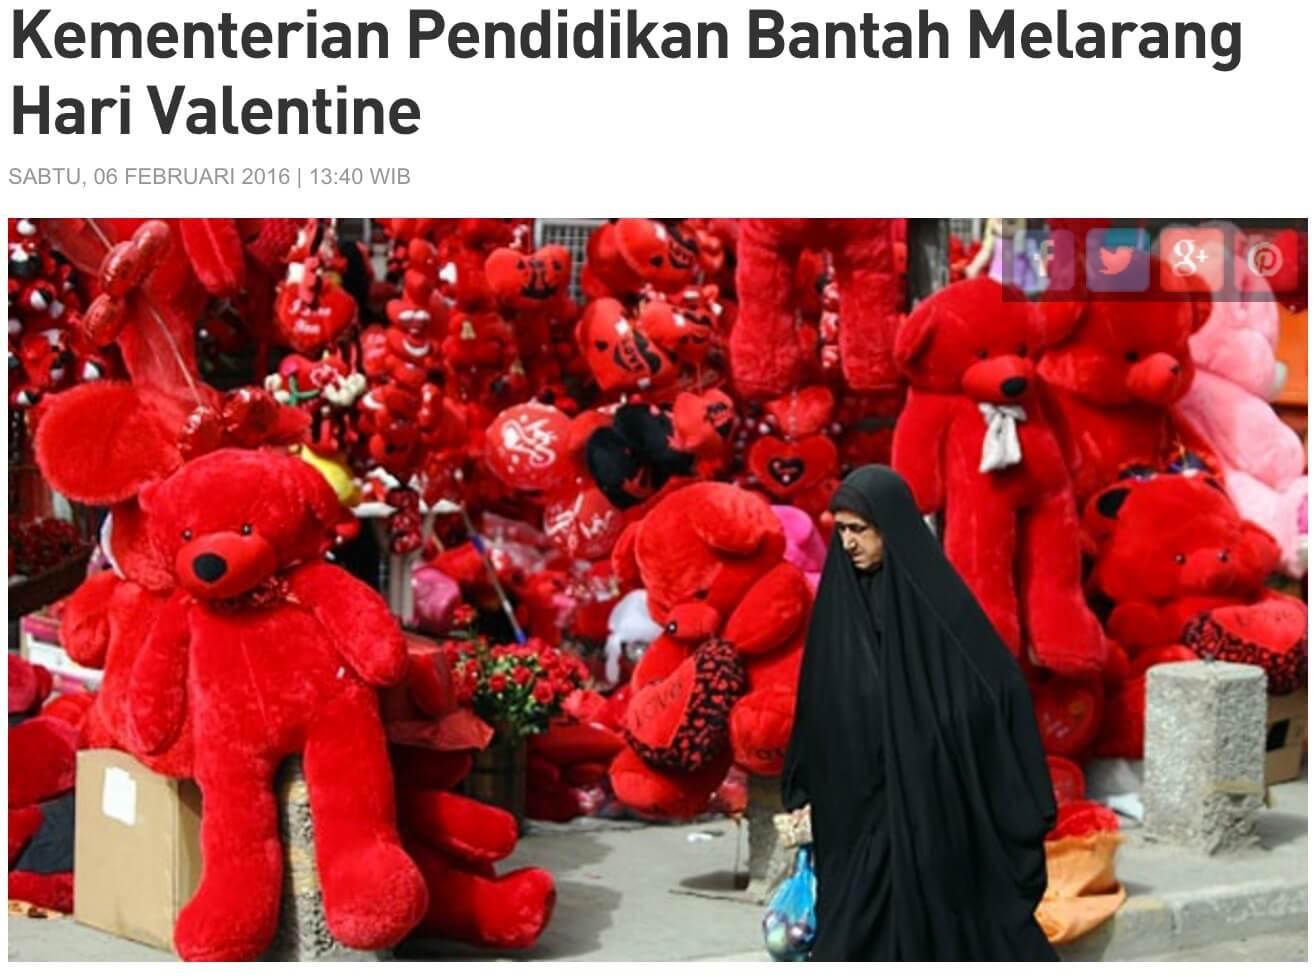 インドネシアのバレンタイン 禁止を否定 雑誌 Tempo